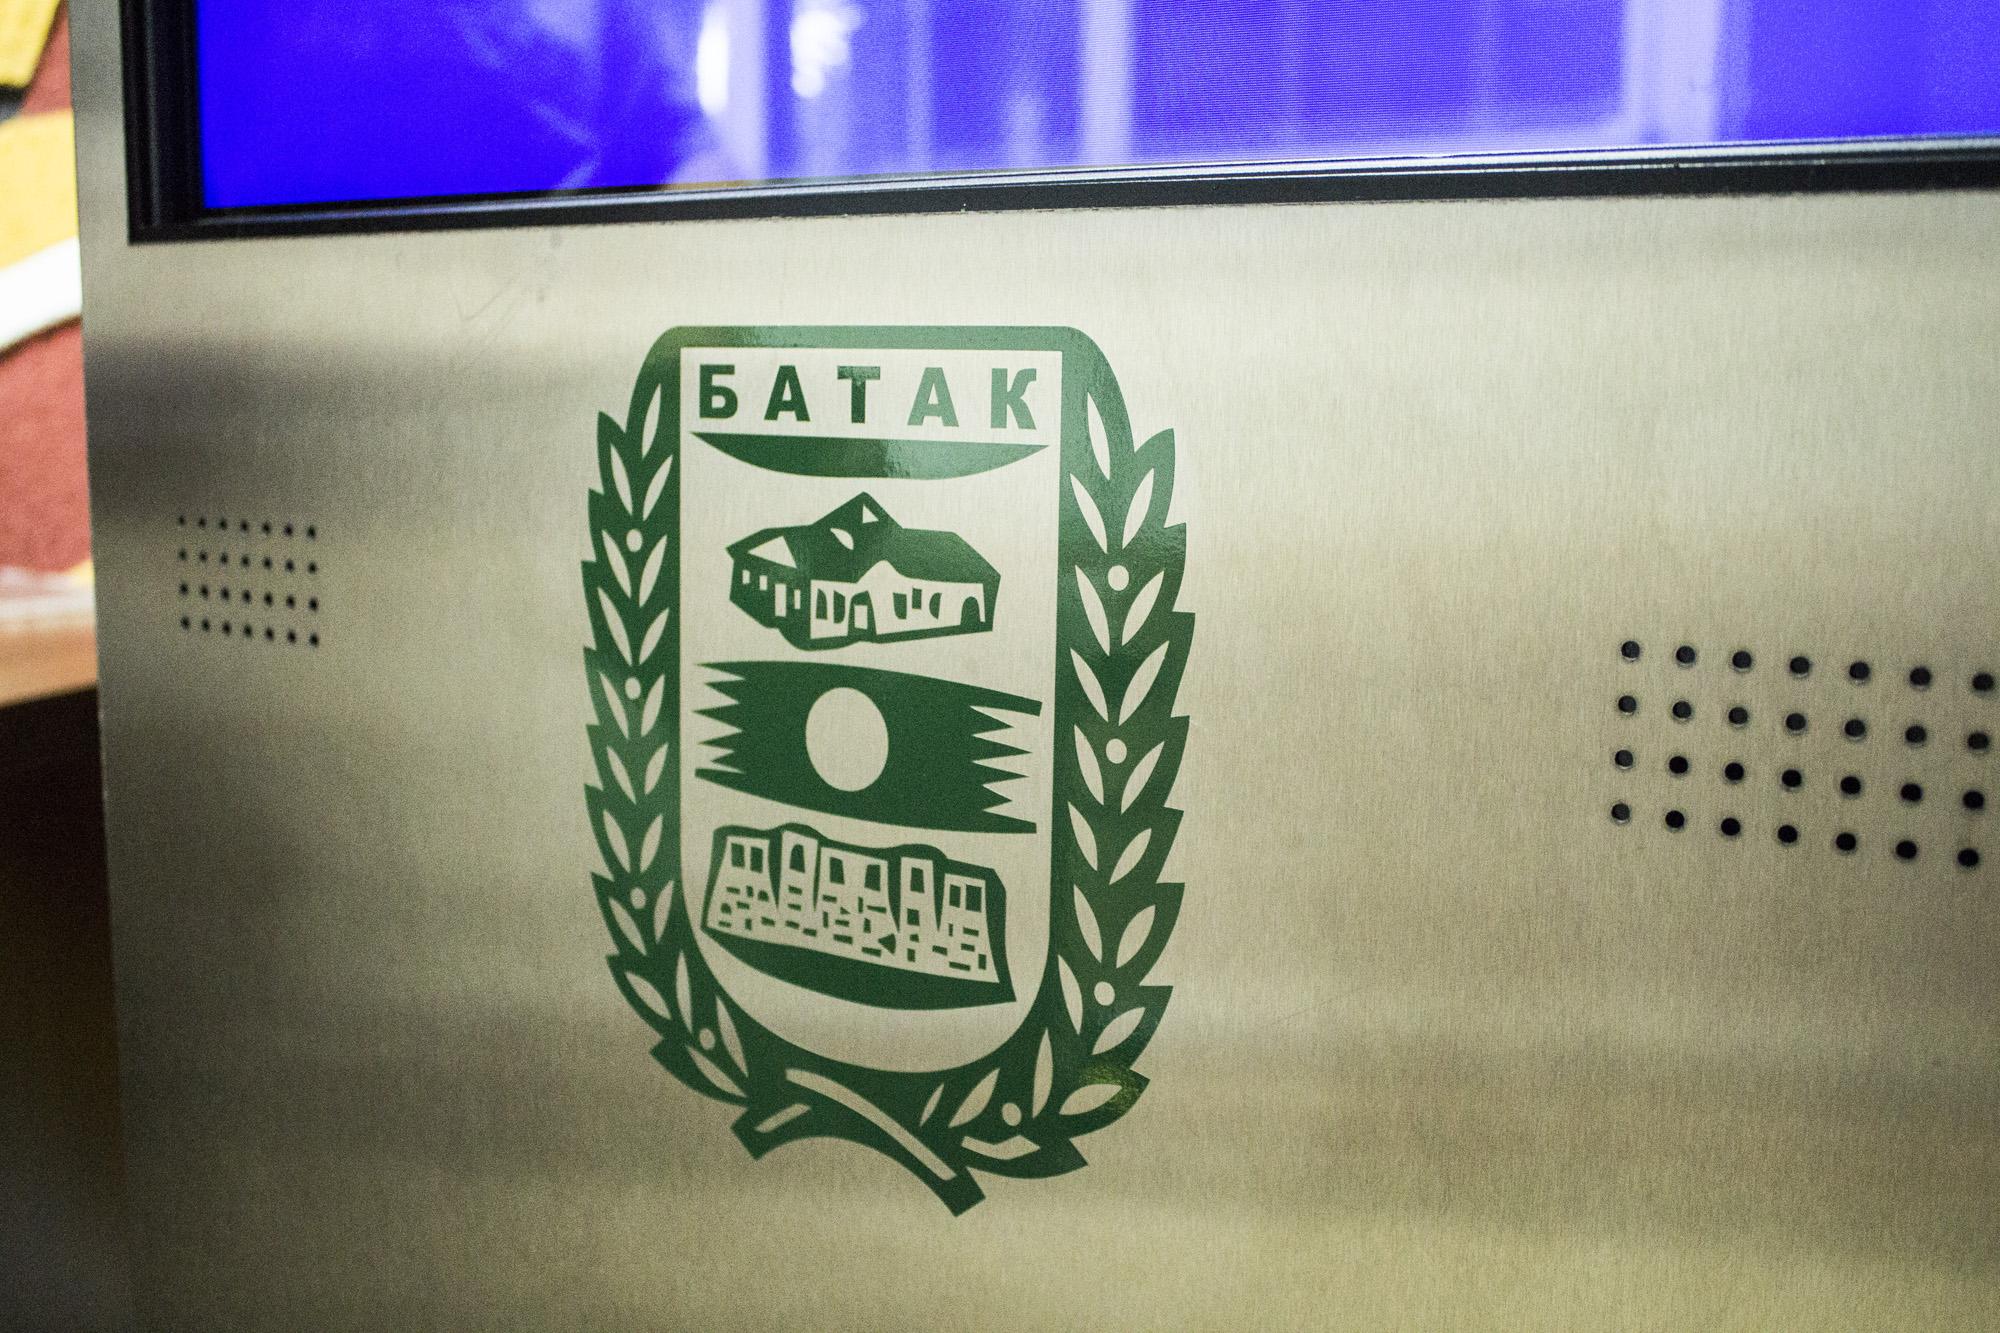 Община Батак - самостоятелно стоящ информационен киоск